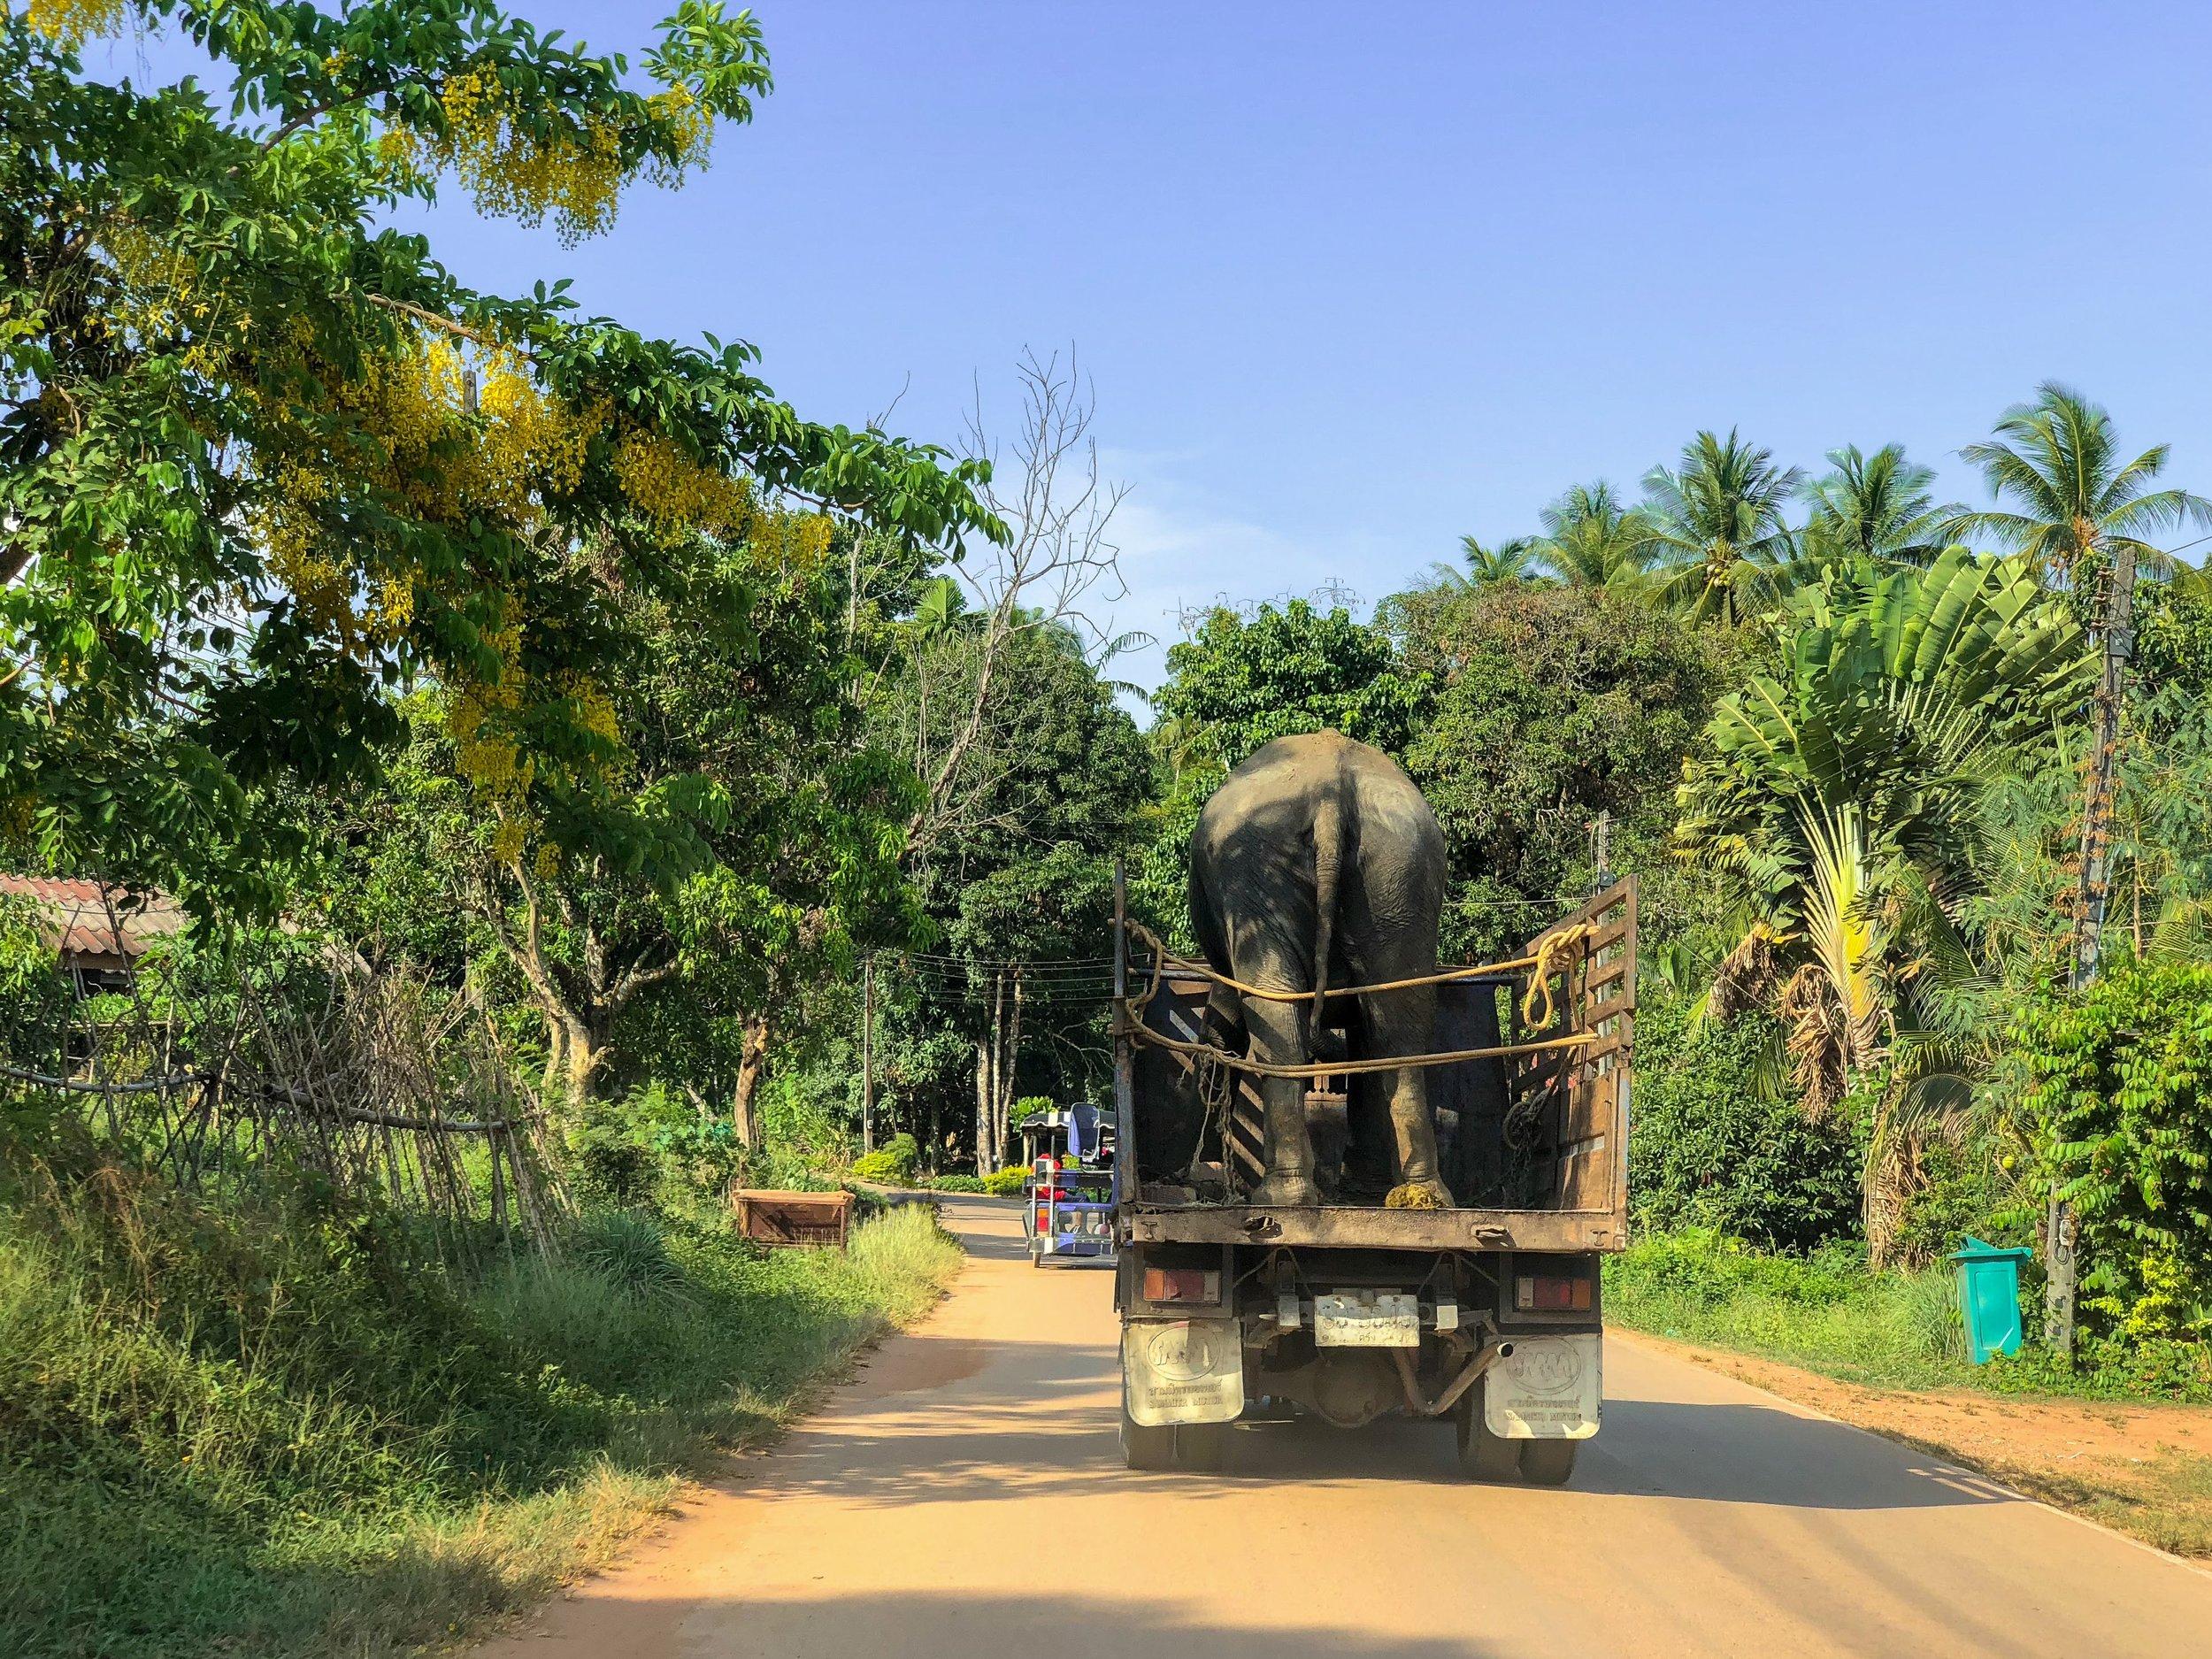 Turistien ja vapaaehtoisten ansiosta projektiorganisaatio saa rahaa, jolla pelastetaan uusia norsuja Phuketin norsujen vanhainkotiin.